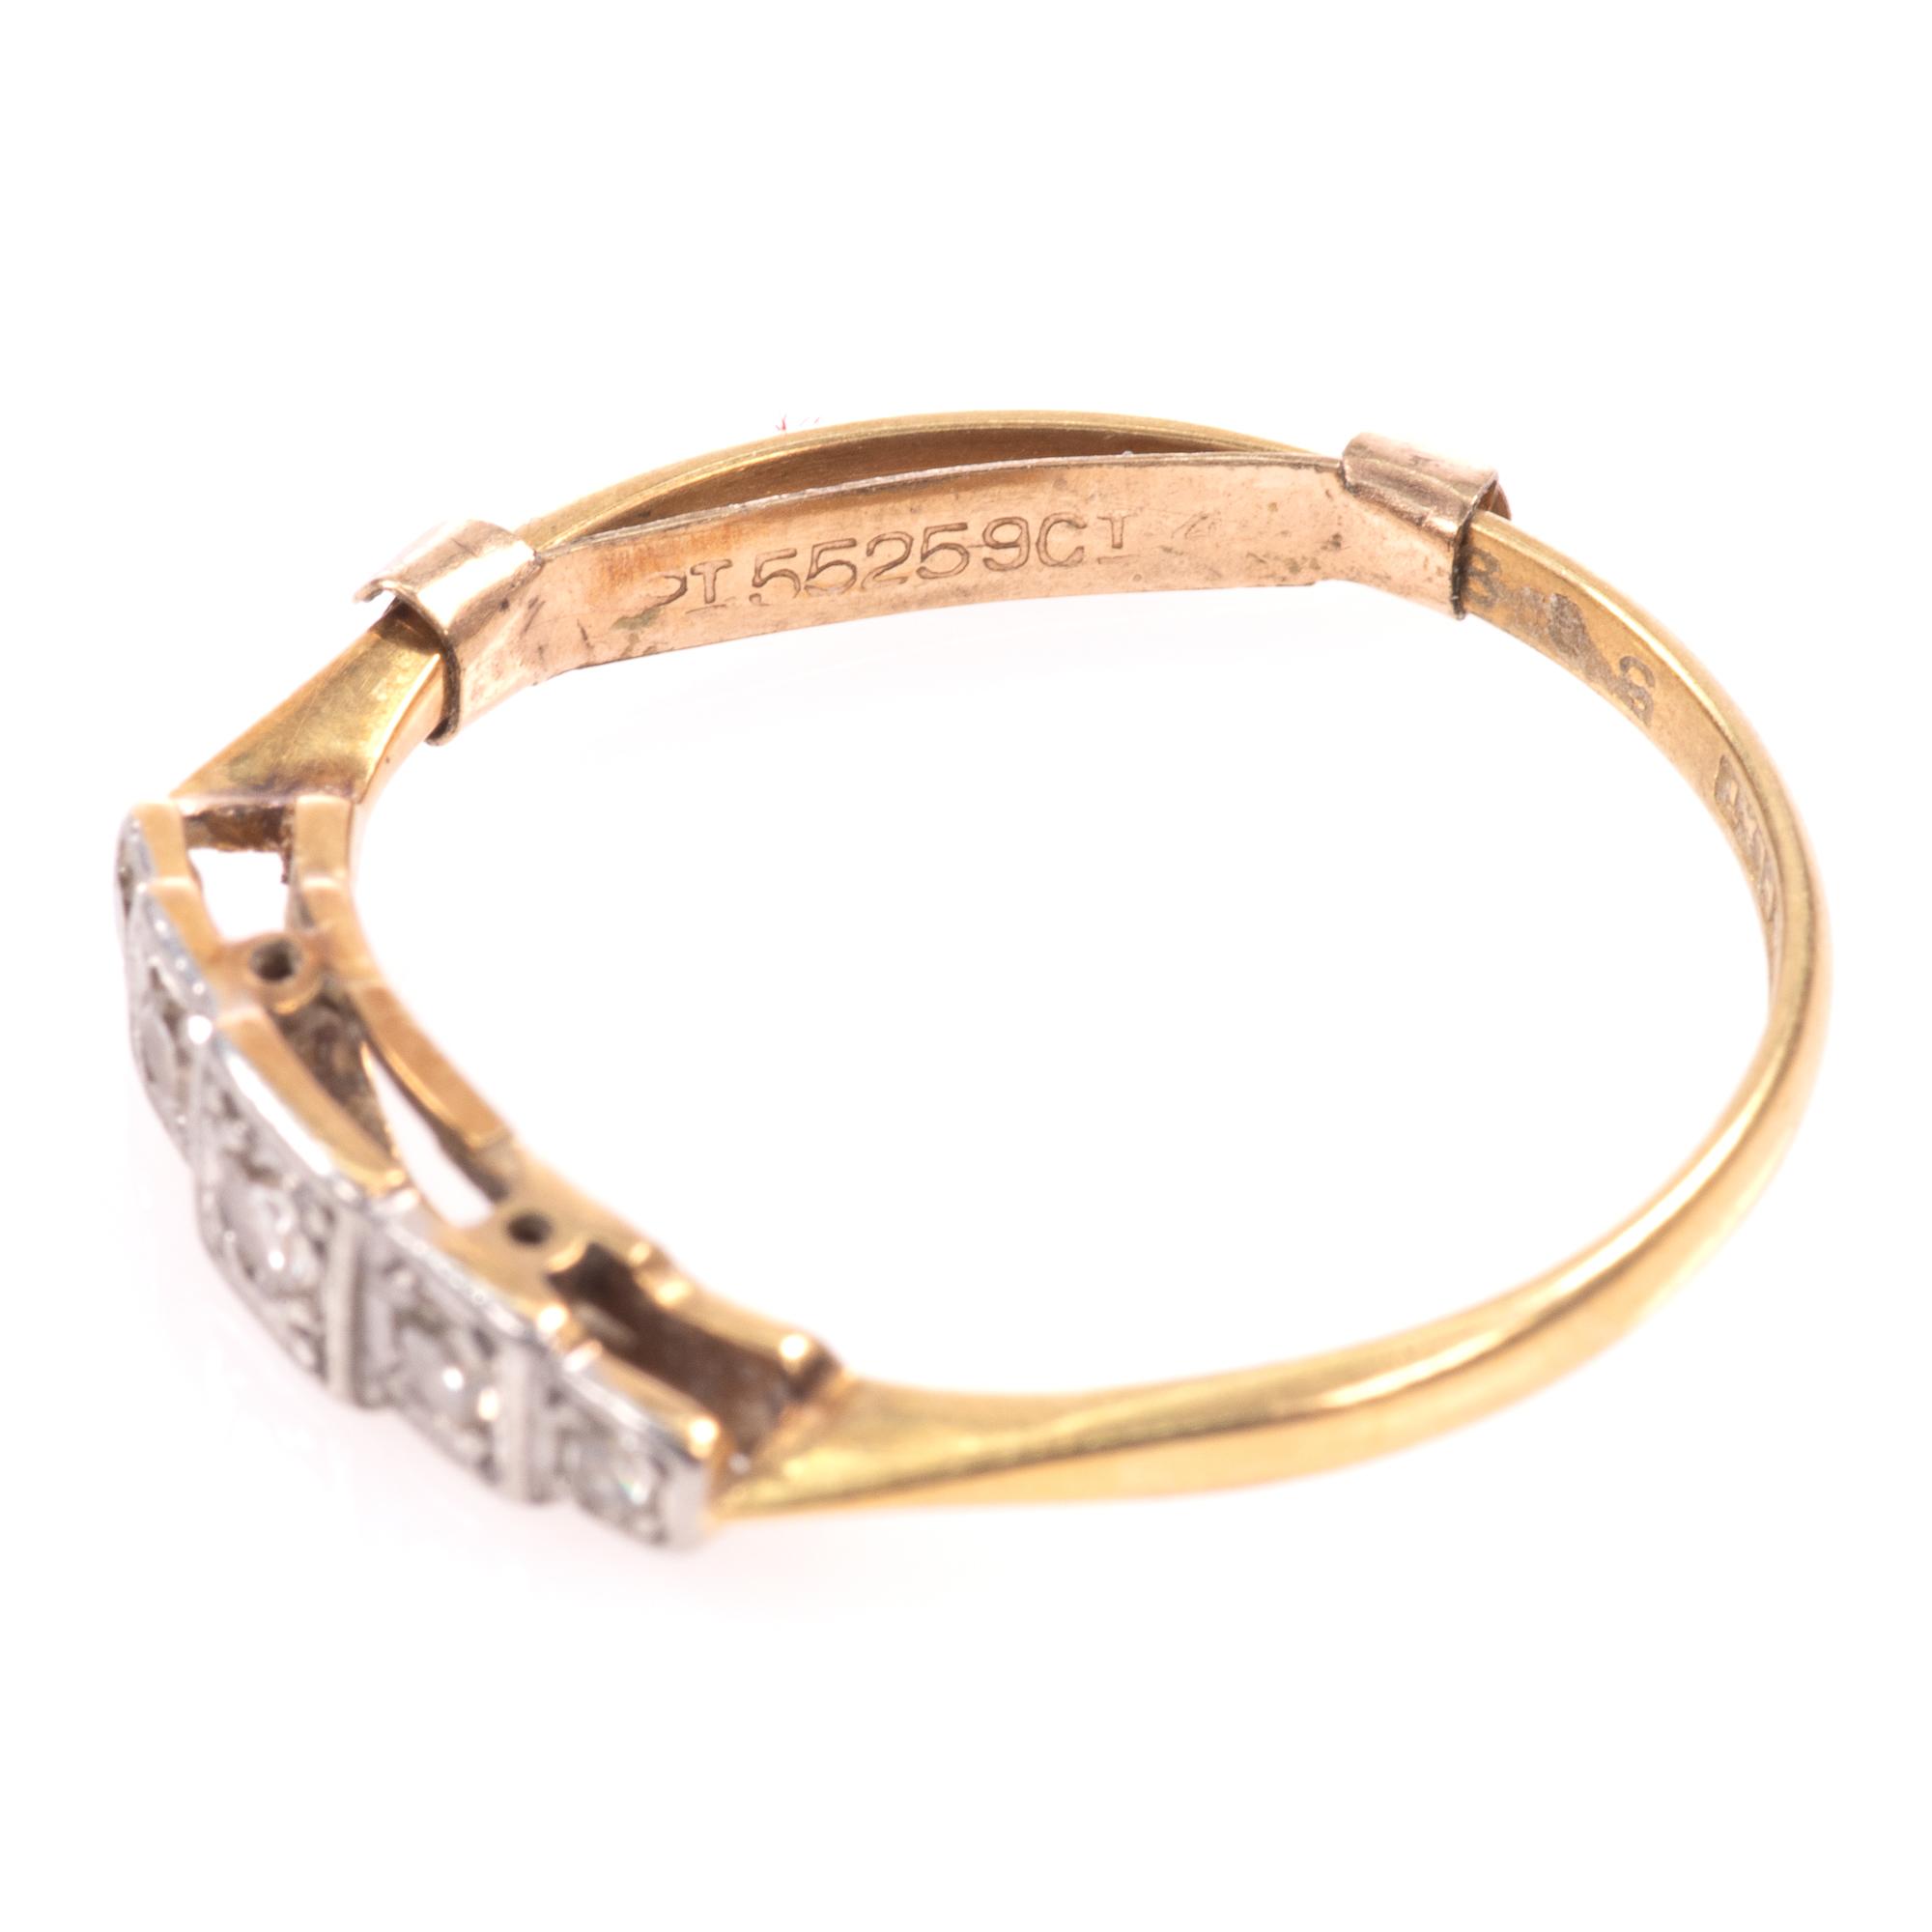 18ct Gold & Platinum Art Deco Diamond Ring - Image 4 of 9